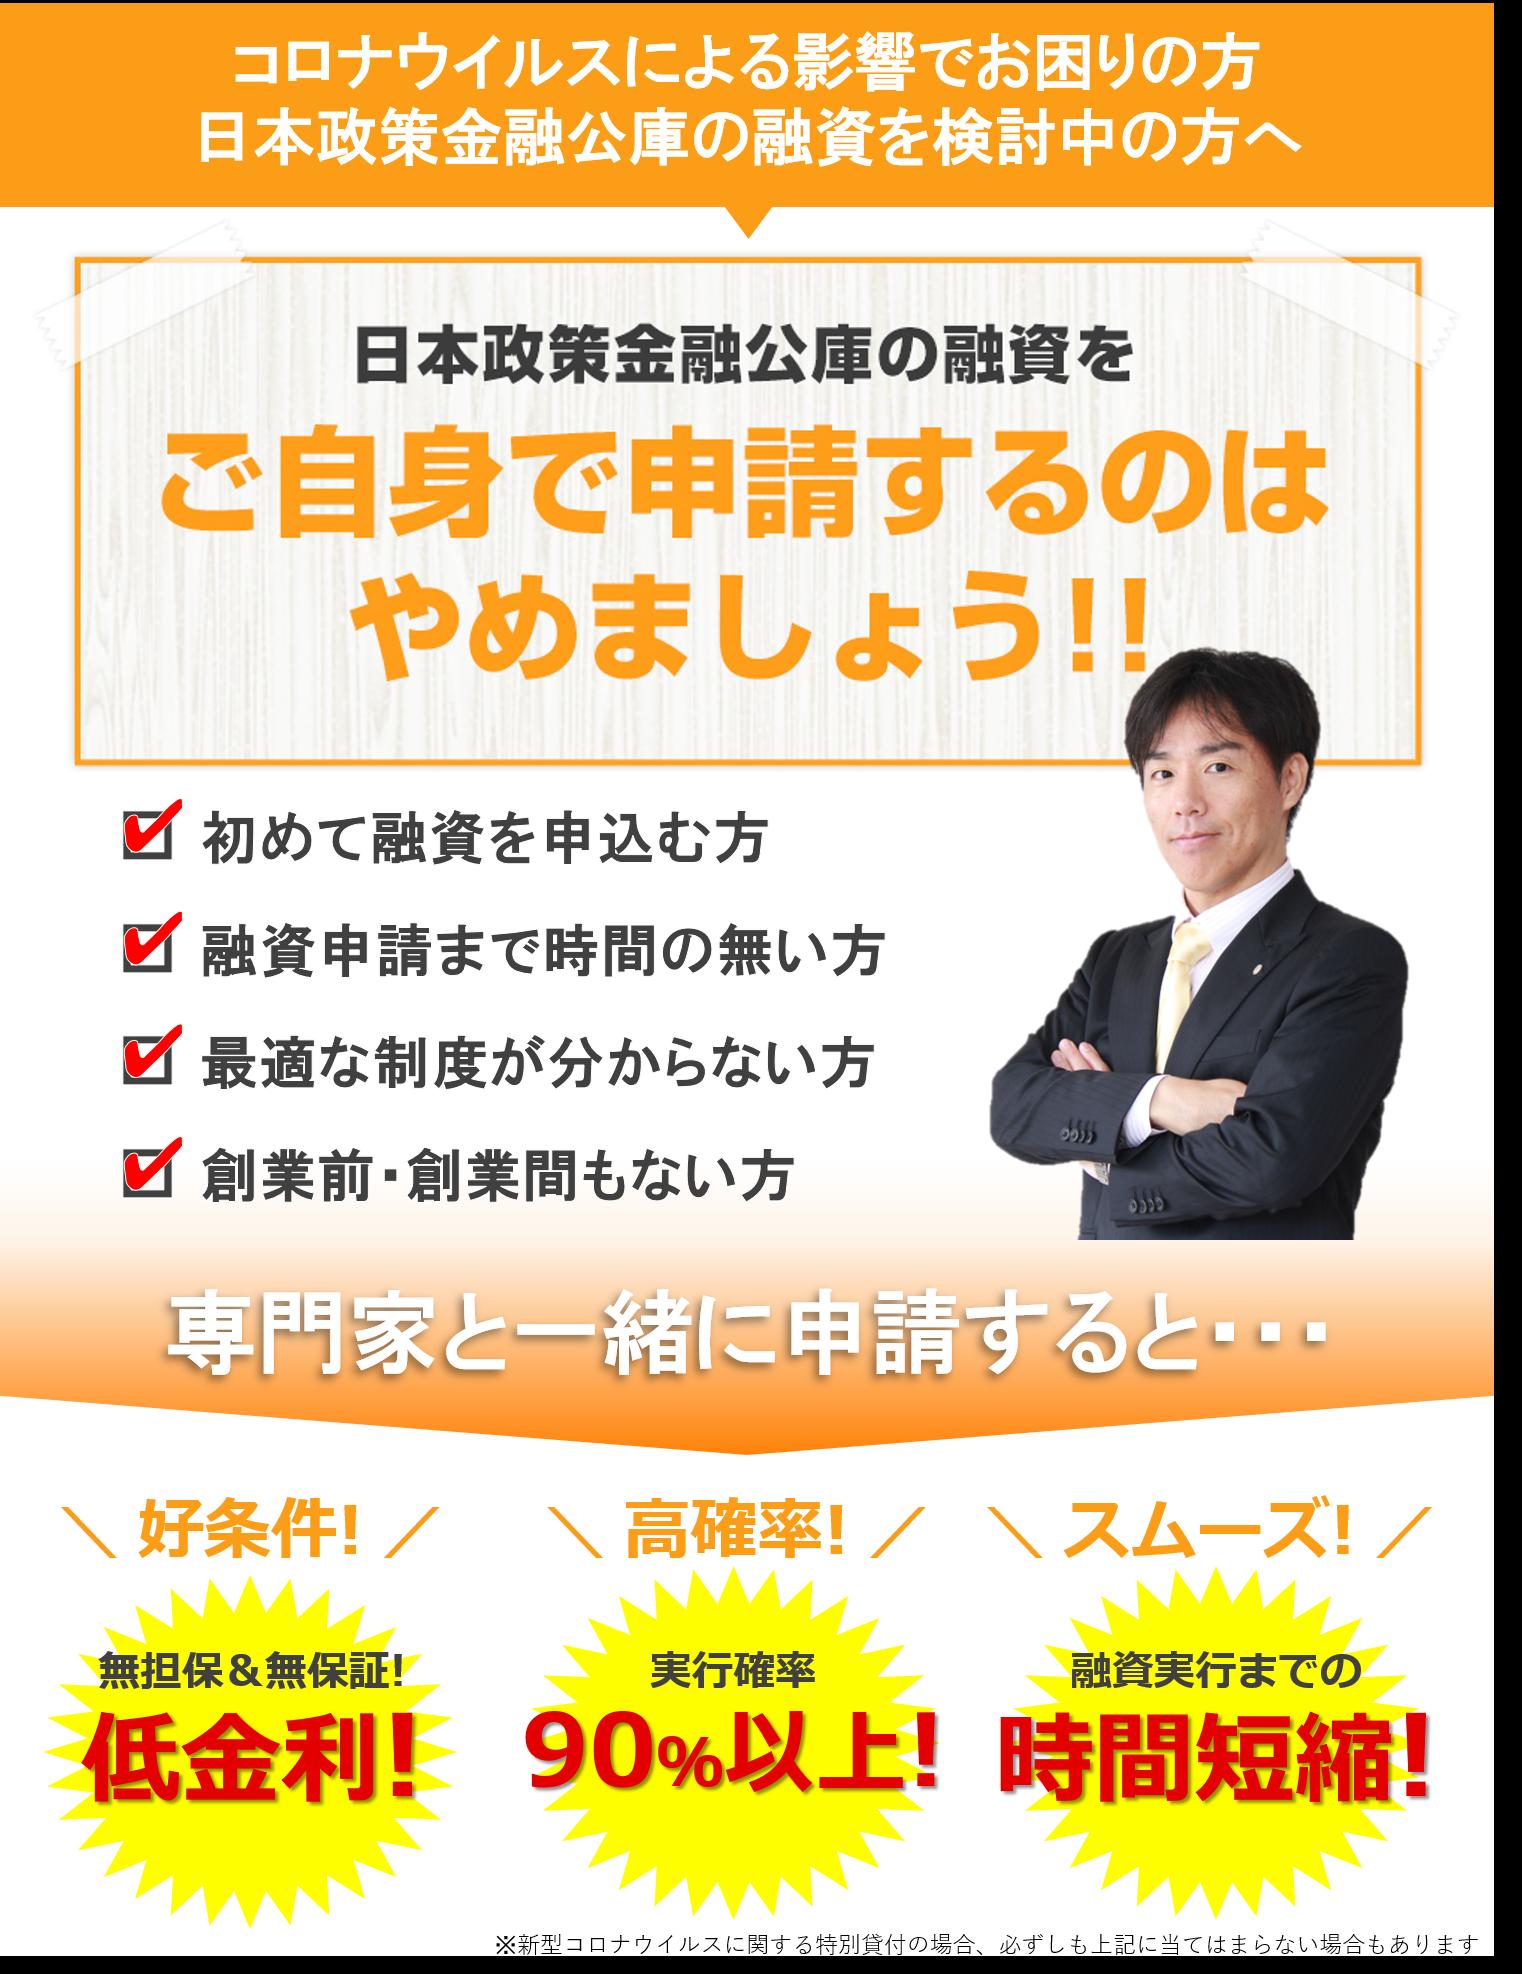 コロナウイルスによる影響でお困りの方 日本政策金融公庫の融資申請をお考えの方へ